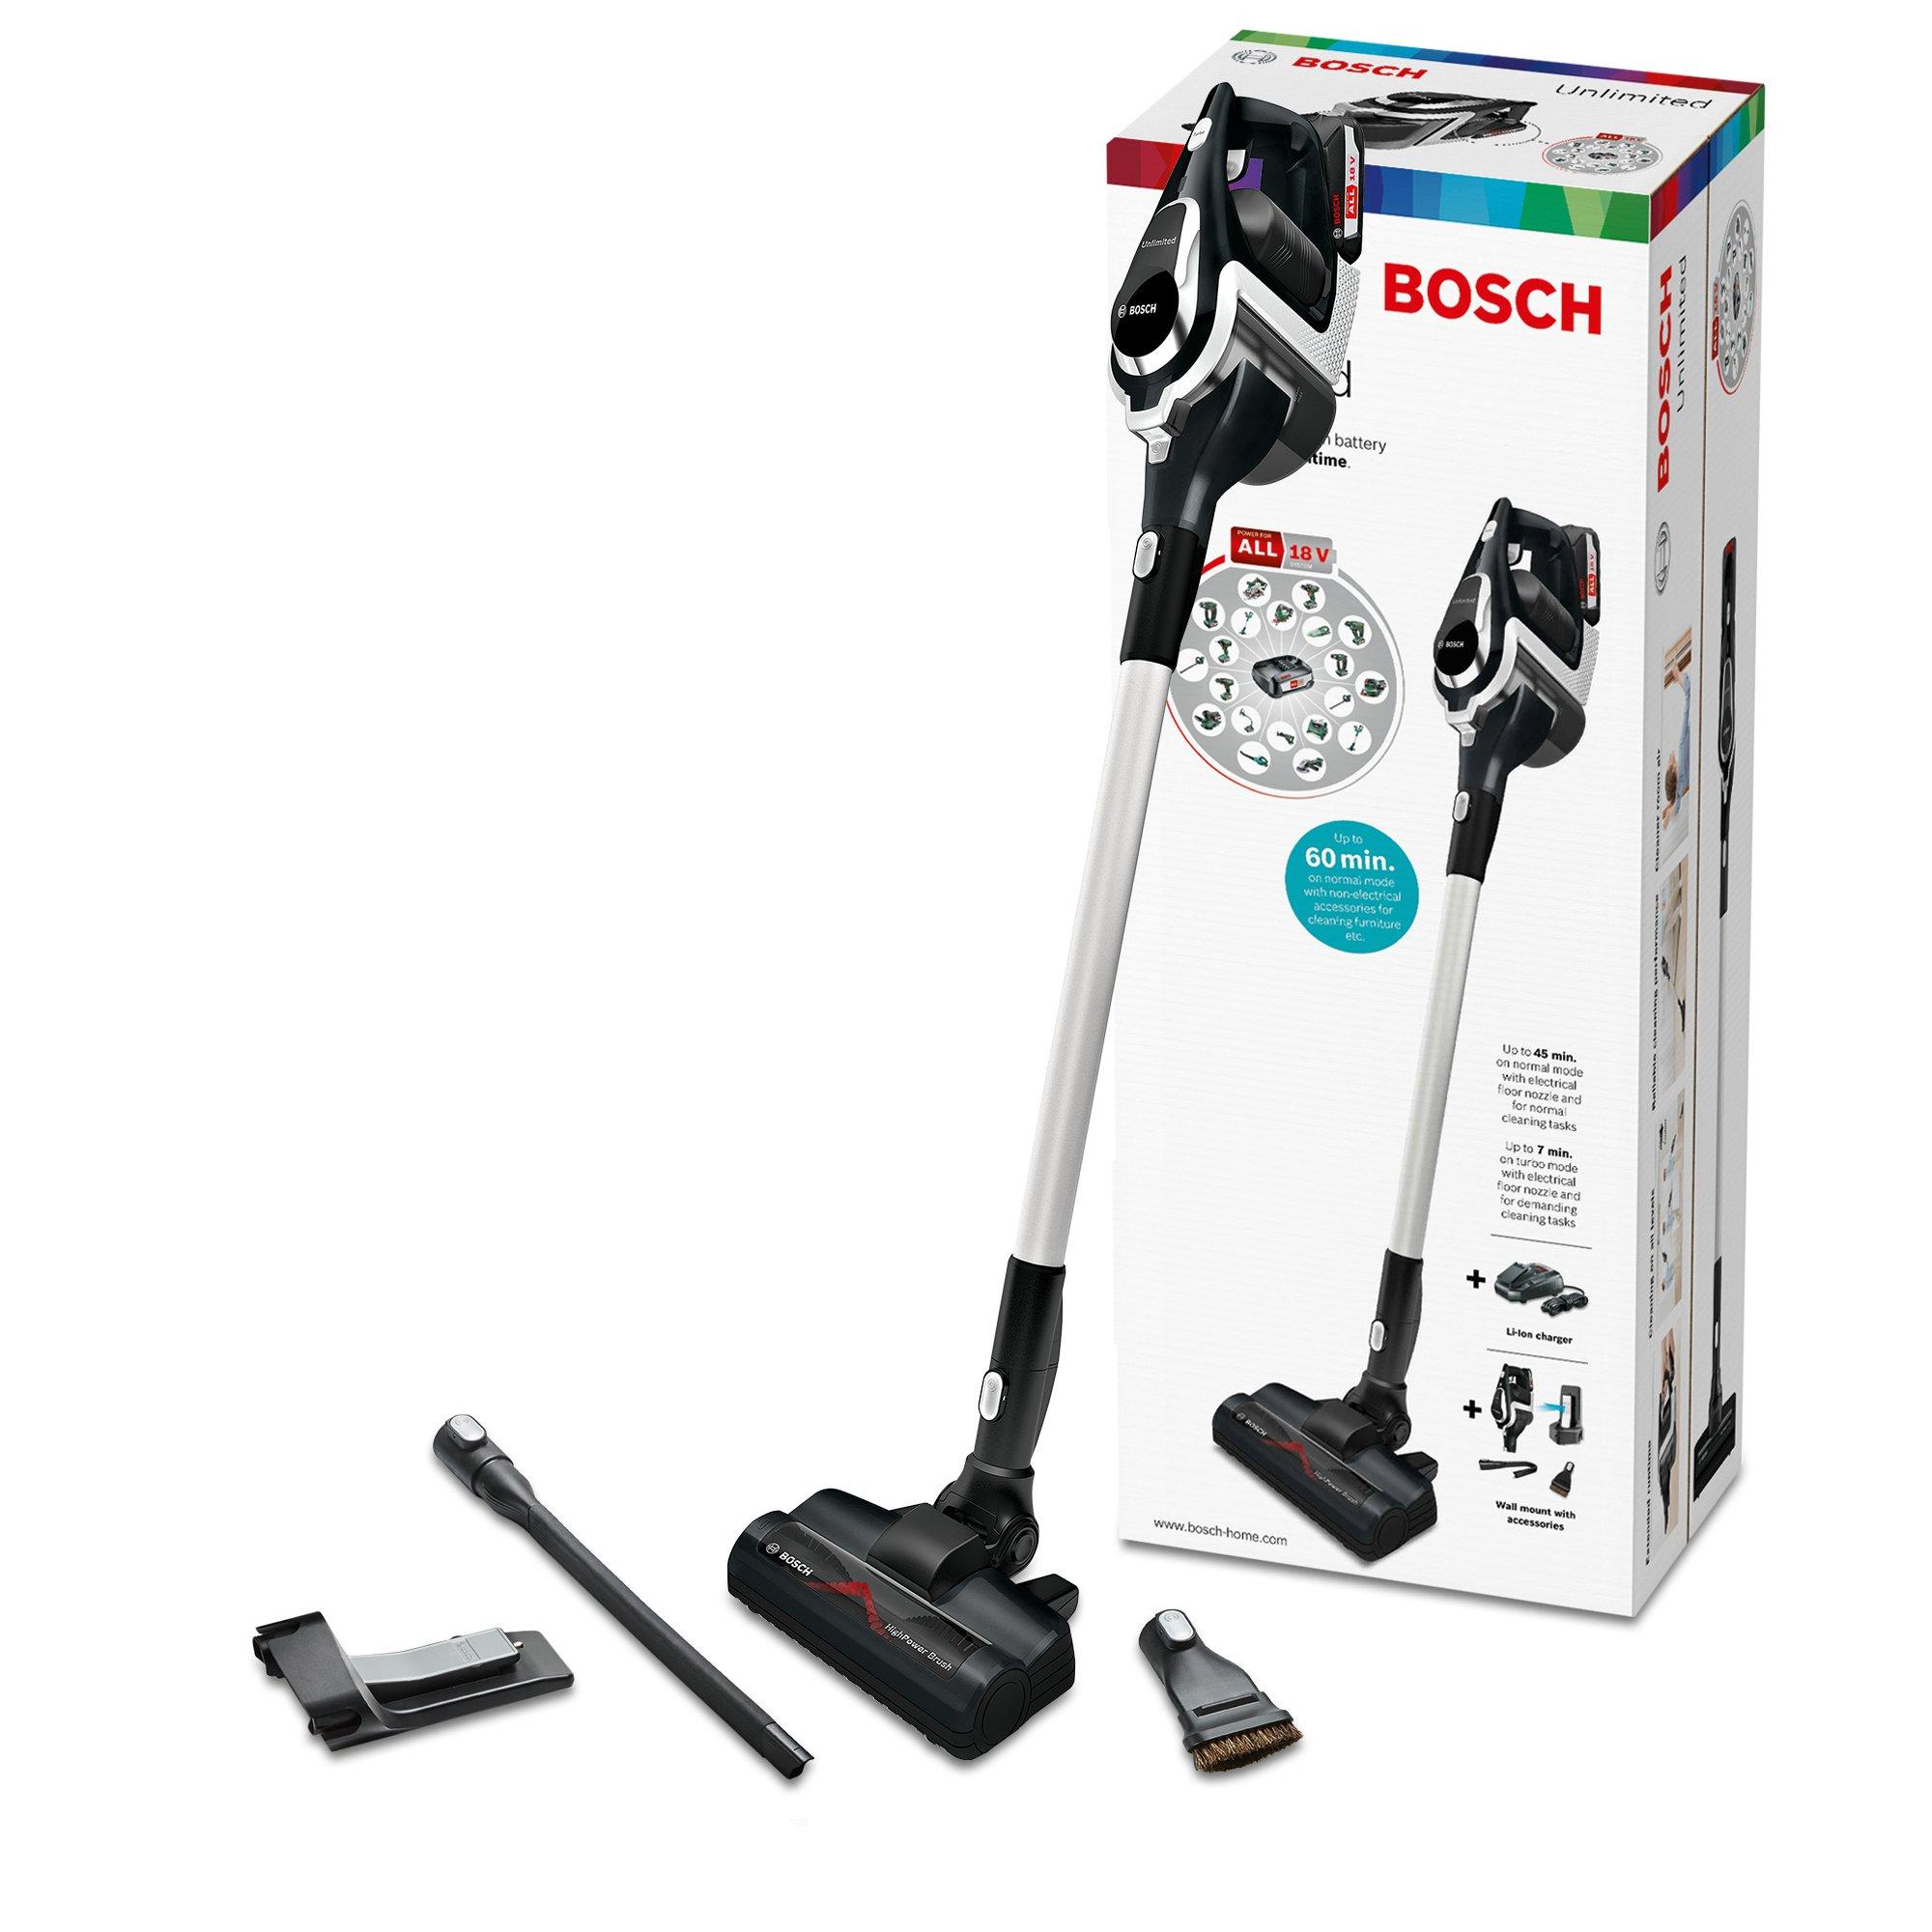 Bosch BBS1114 Unlimited kabelloser Staubsauger (Akku austauschbar), Schwarz & BHZUB1830 Wechselakku (geeignet für den…